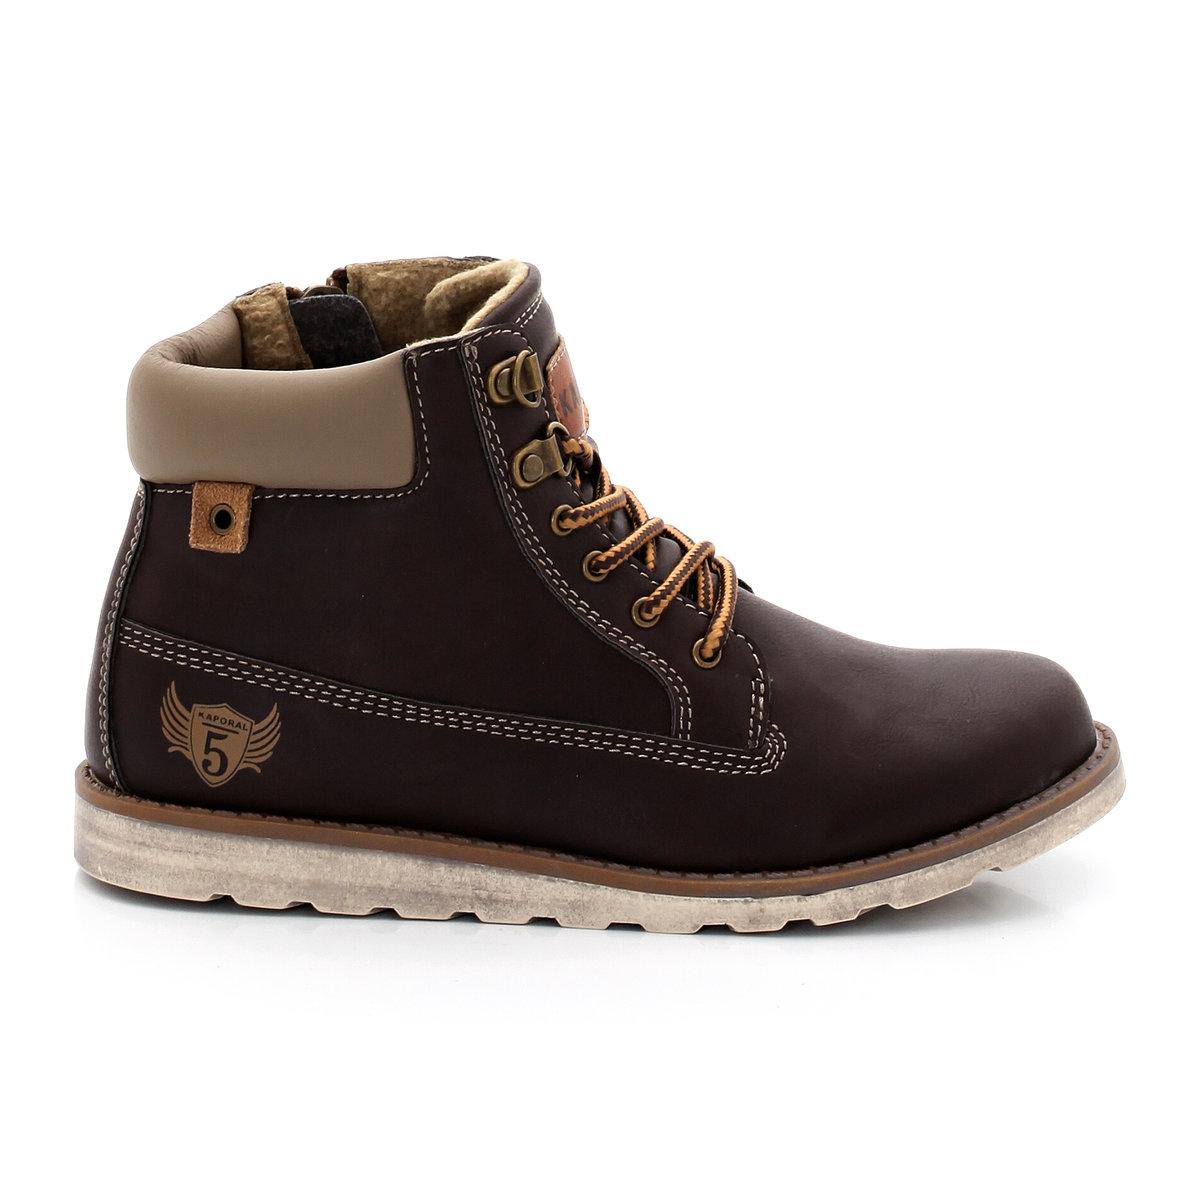 Ботинки KAPORAL WinakПреимущества: Непревзойденно удобные и оригинальные ботинки KAPORAL с элементами стиля ретро и модных тенденций сезона.<br><br>Цвет: каштановый<br>Размер: 30